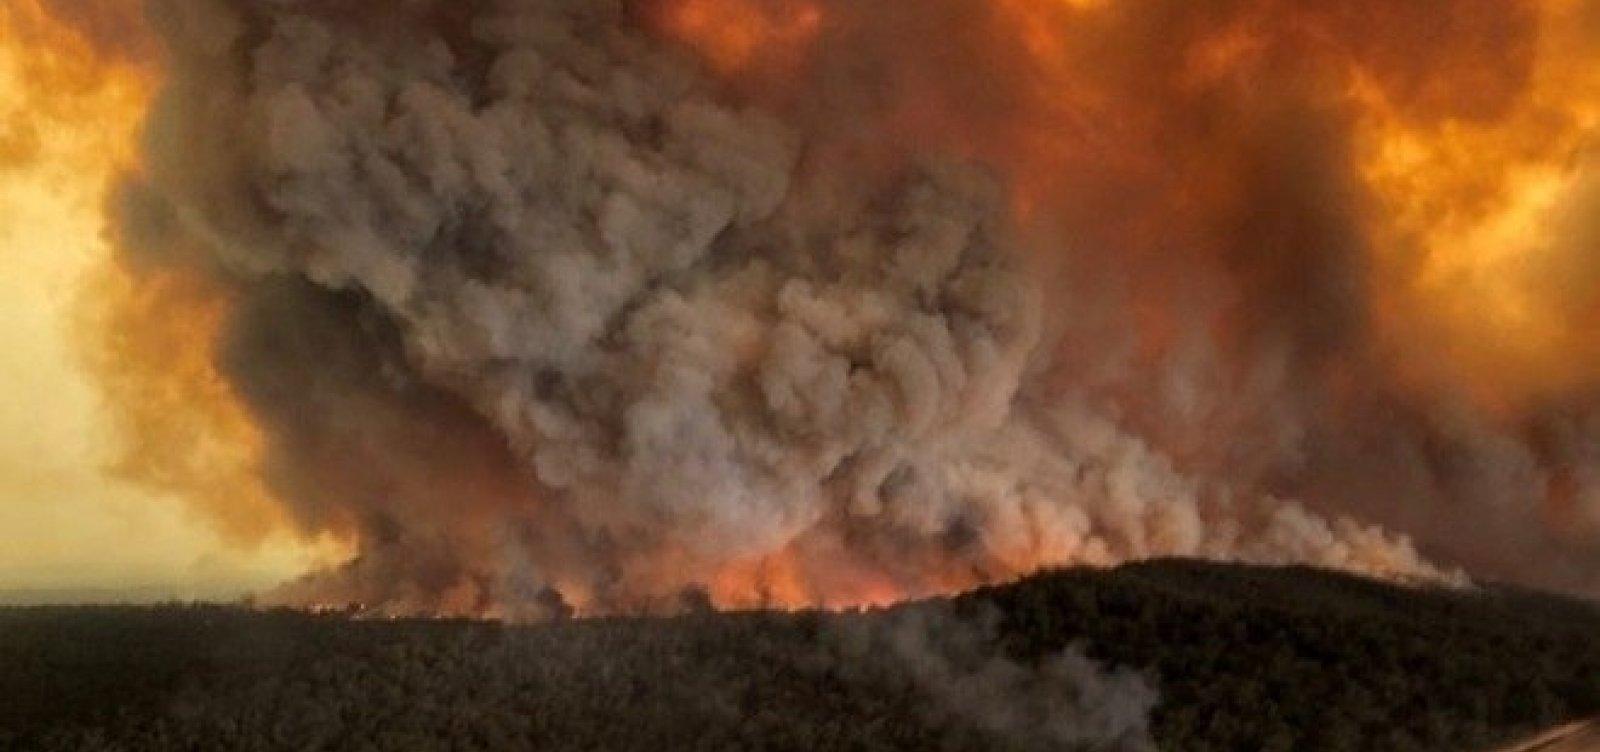 [Número de mortos em incêndios na Austrália sobe para 29]